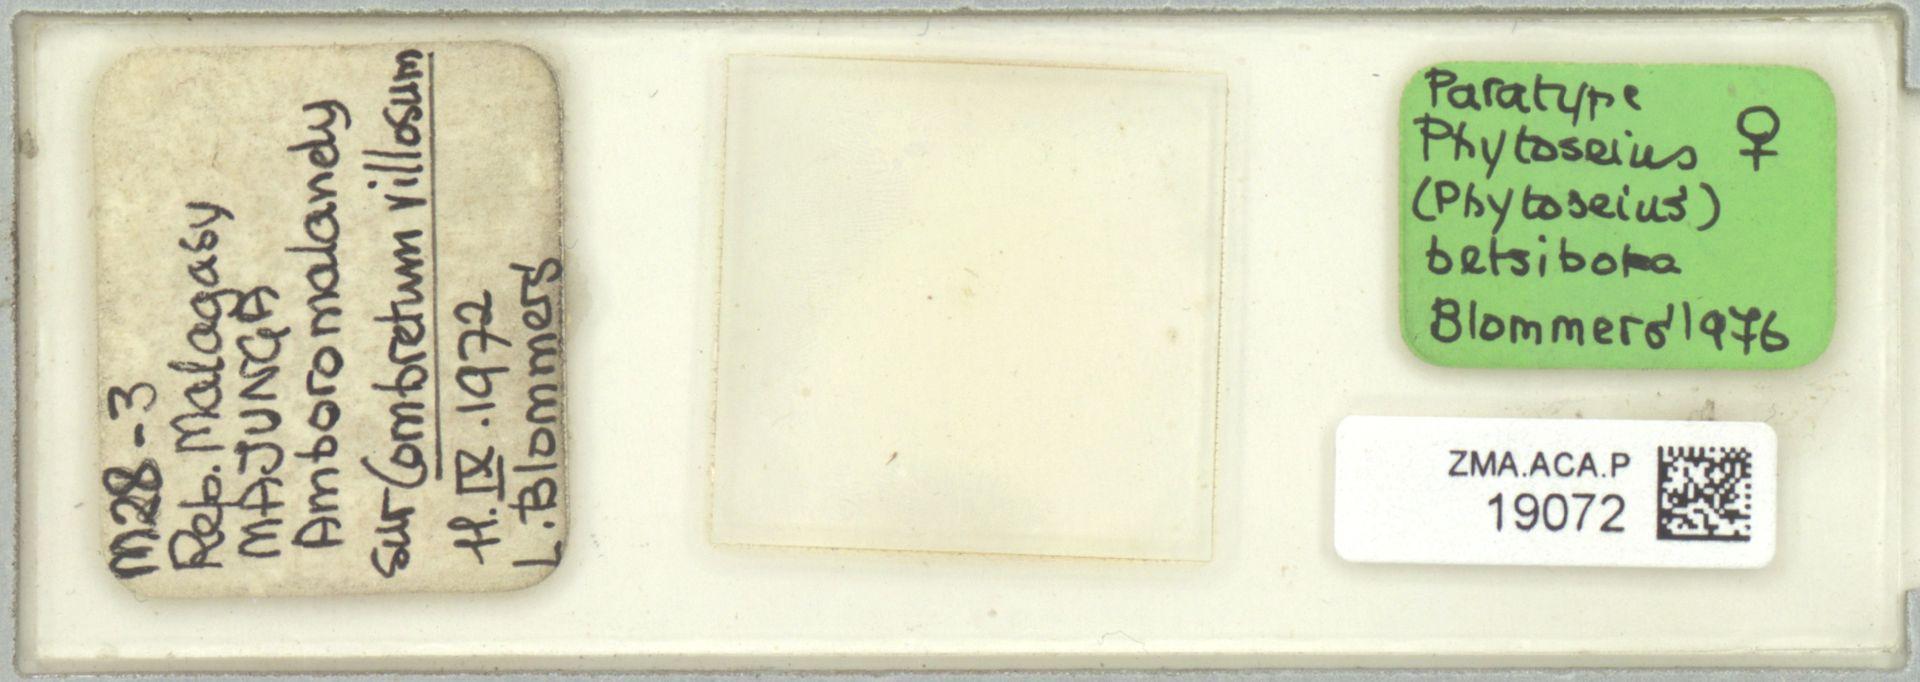 ZMA.ACA.P.19072 | Phytoseius (Phytoseius) betsiboka Blommers, 1976